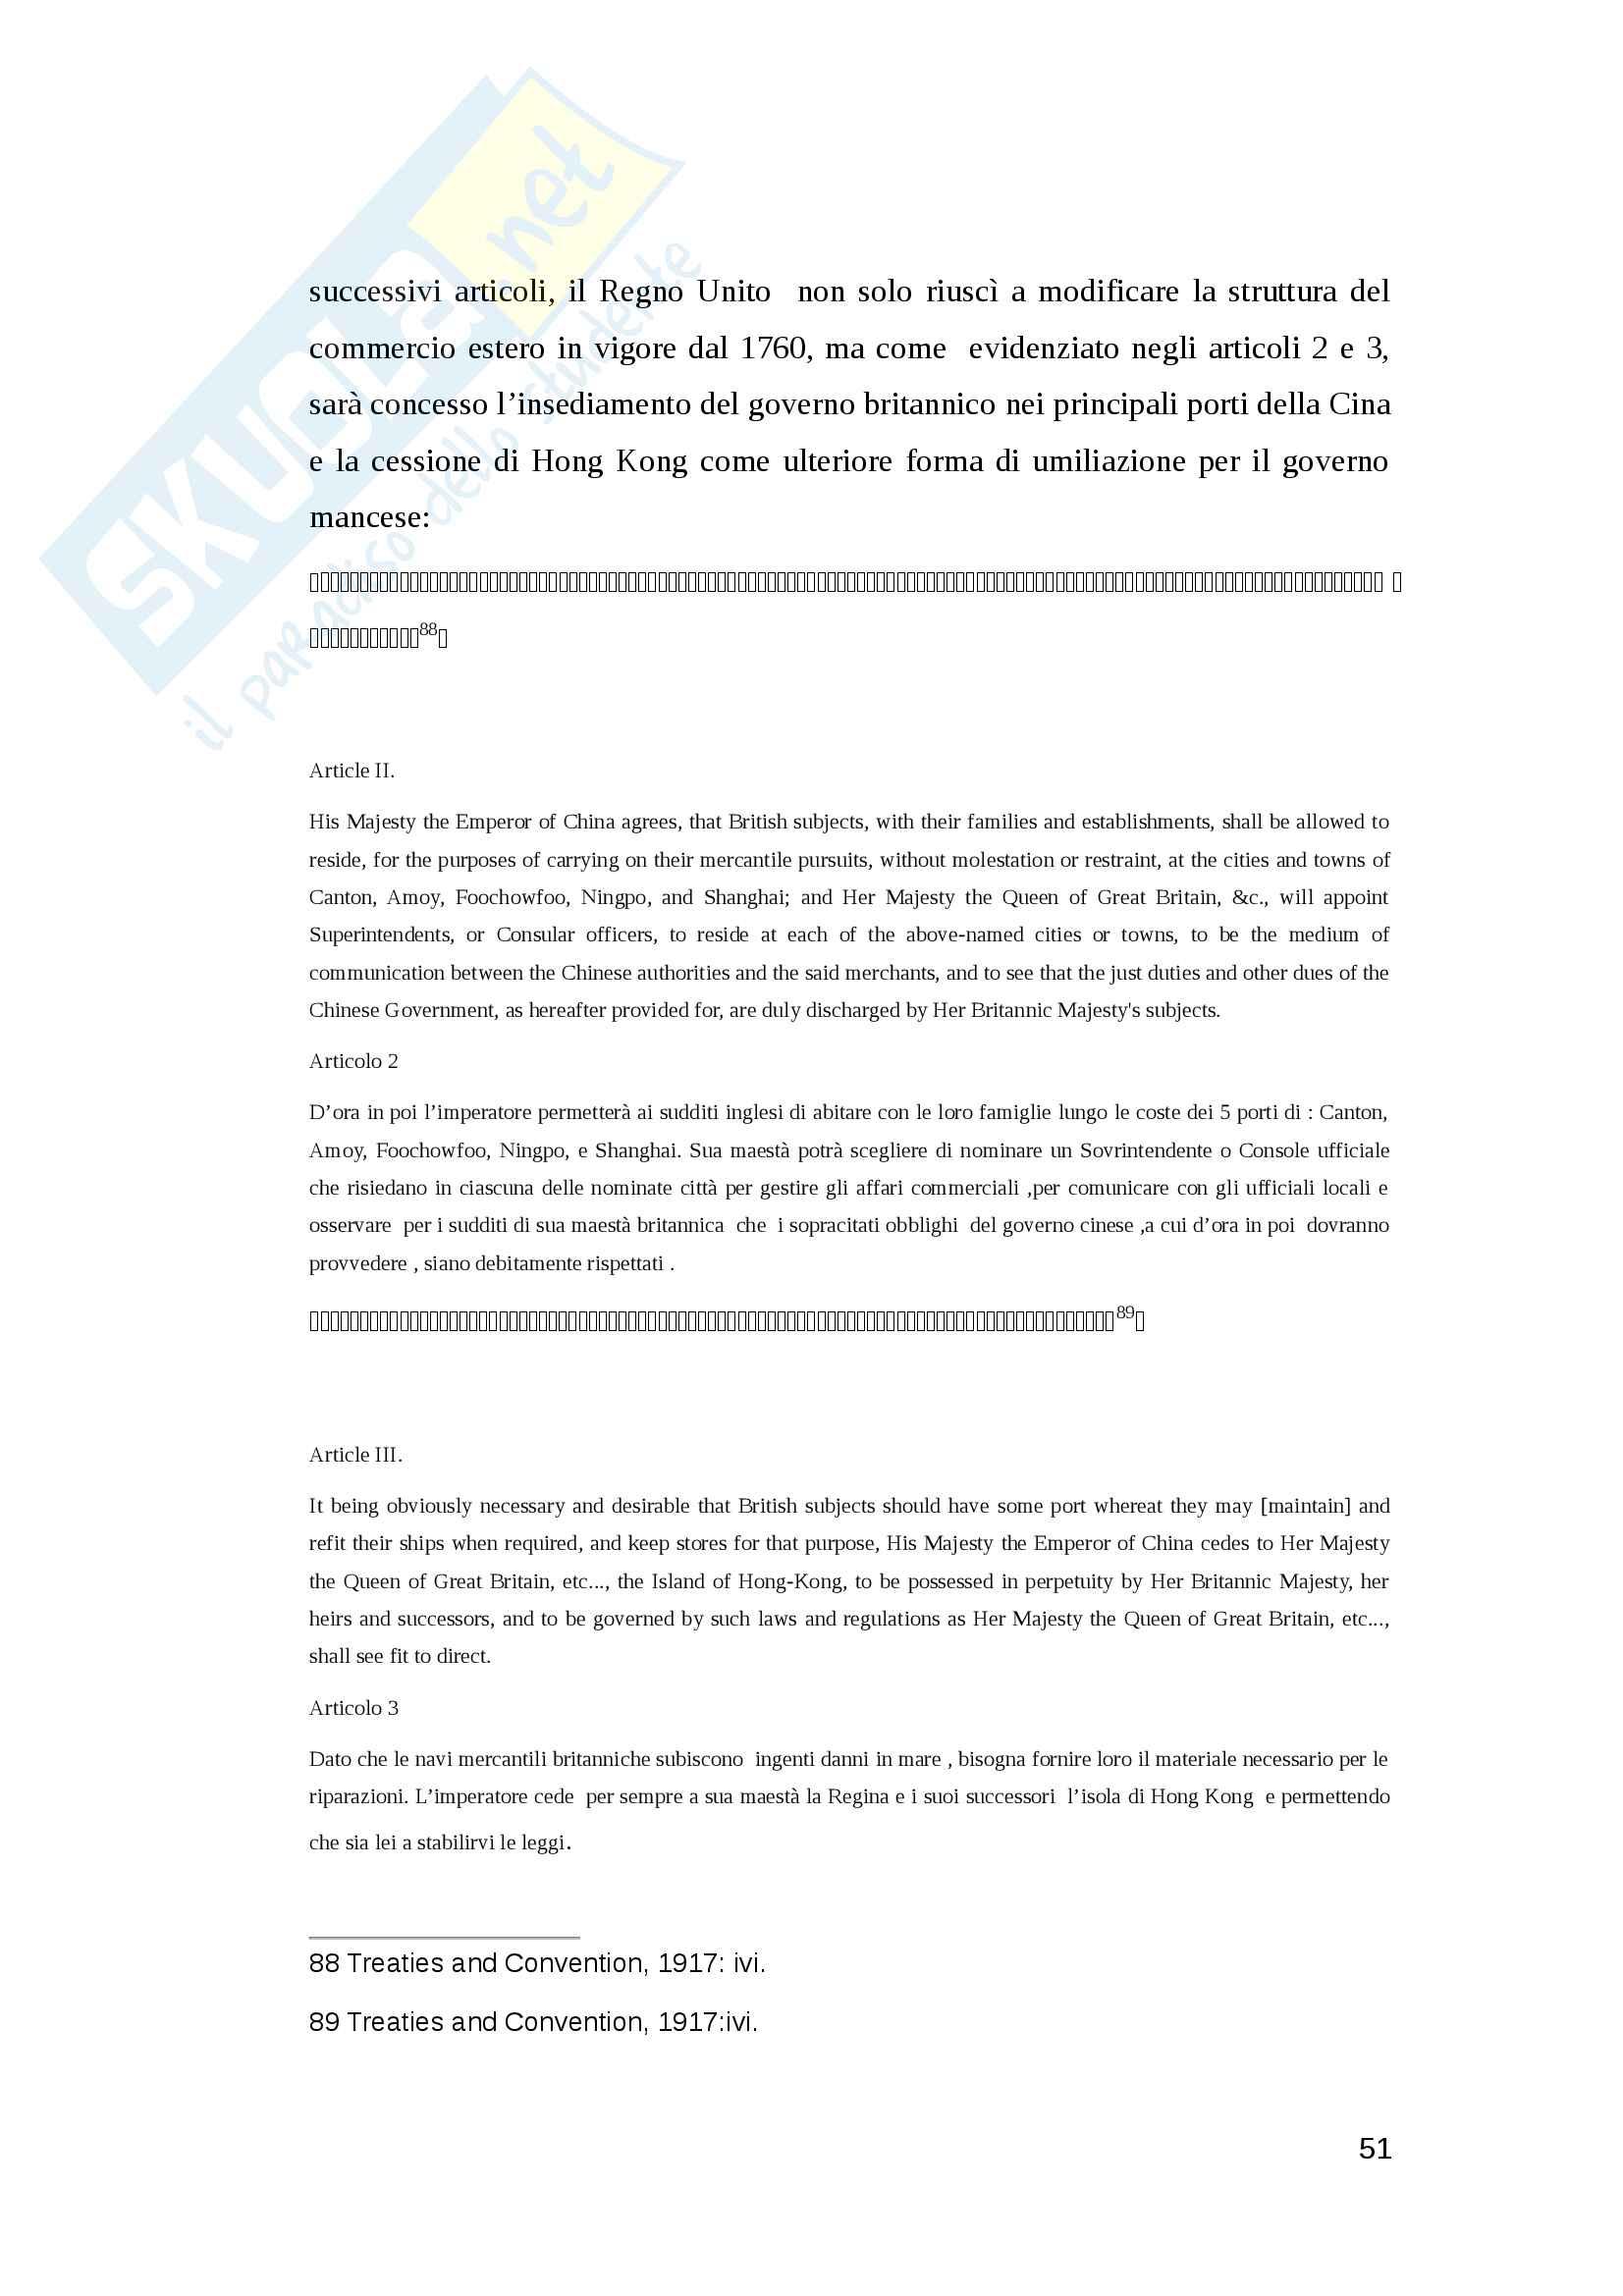 Tesi triennale -  Il Linguaggio della diplomazia Cinese nel XIX secolo Pag. 51